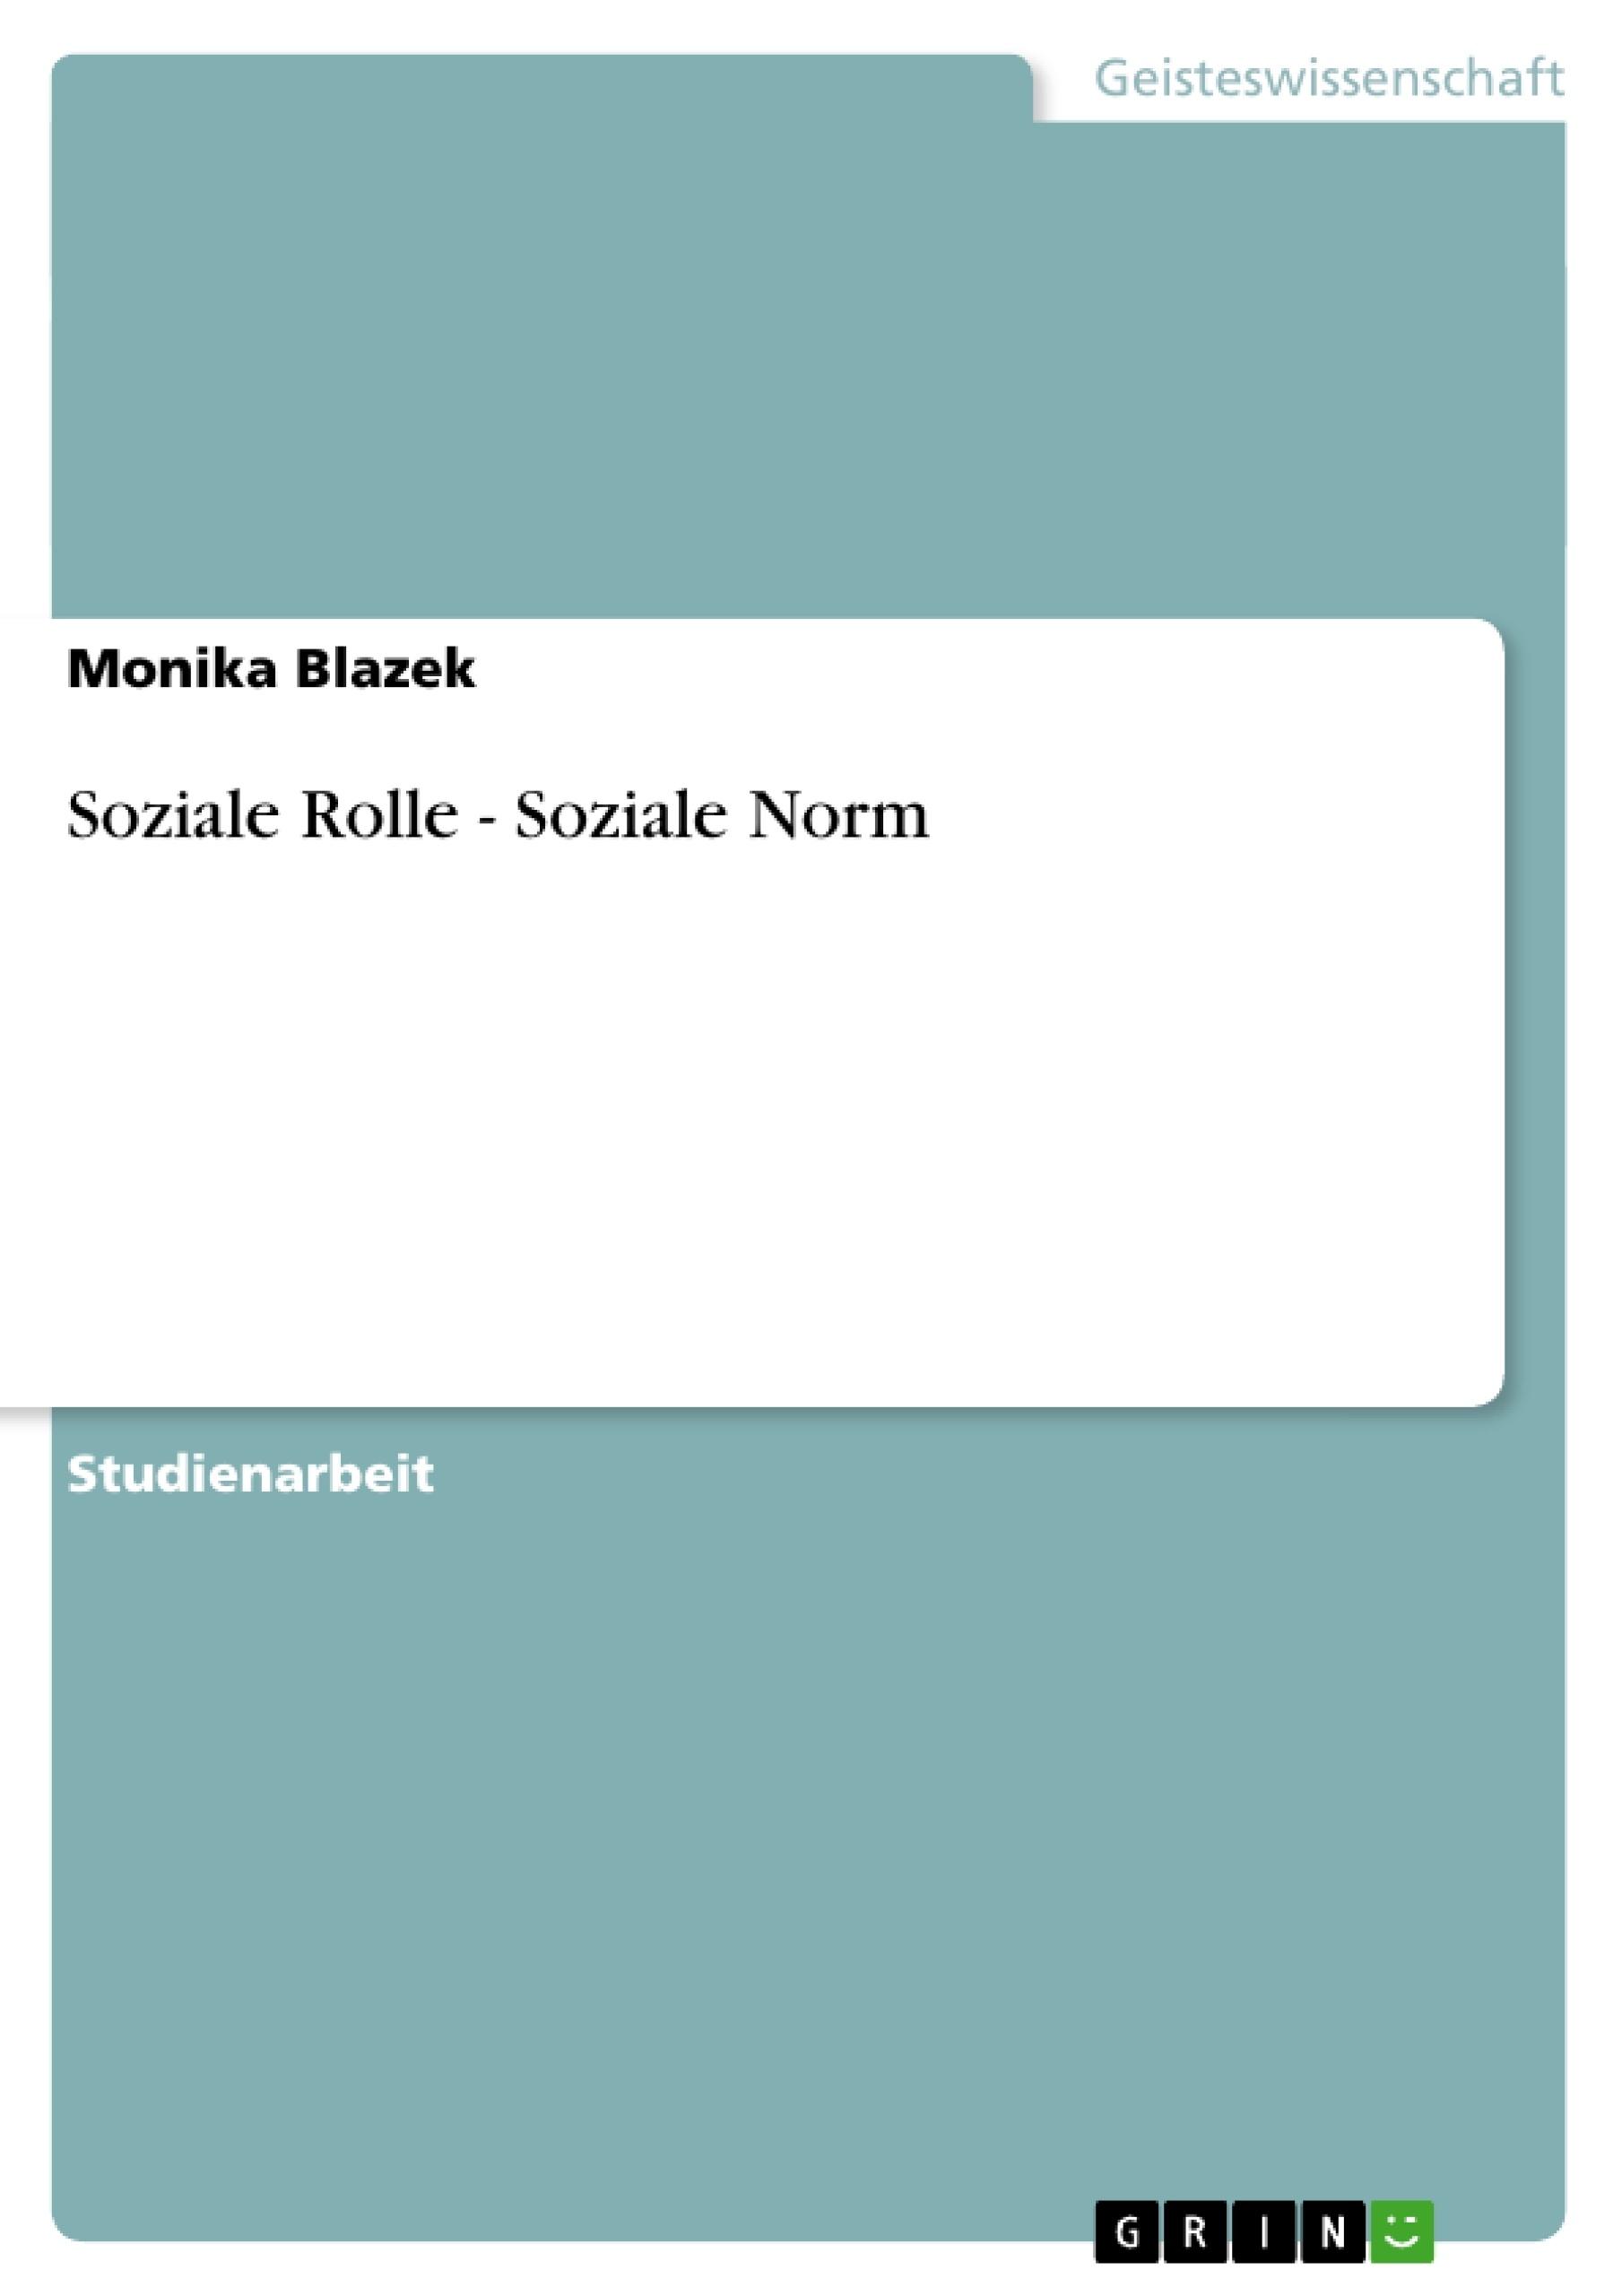 Titel: Soziale Rolle - Soziale Norm